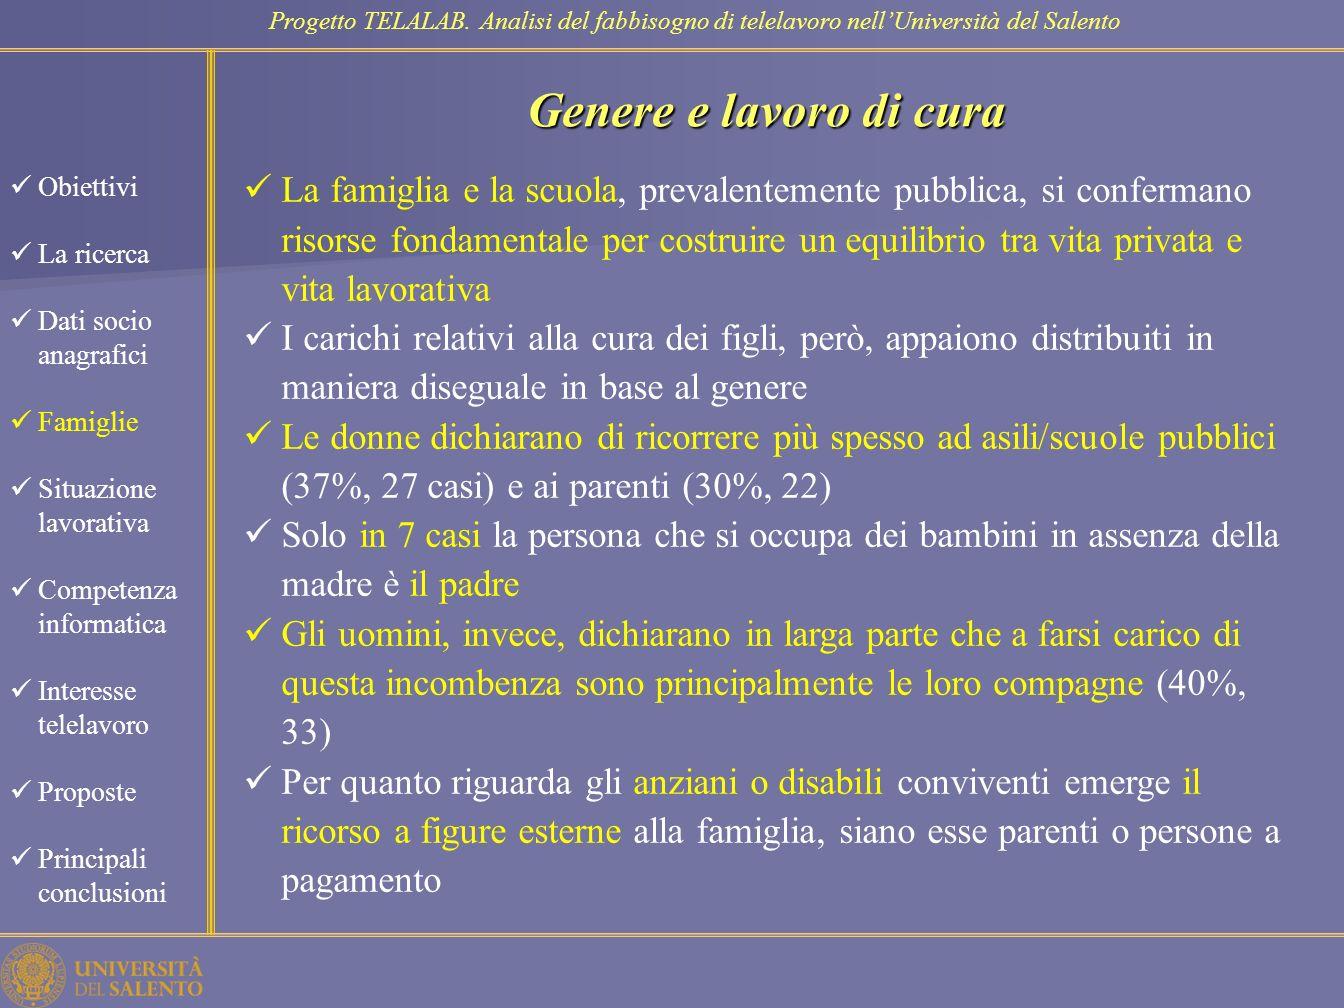 Progetto TELALAB. Analisi del fabbisogno di telelavoro nell'Università del Salento